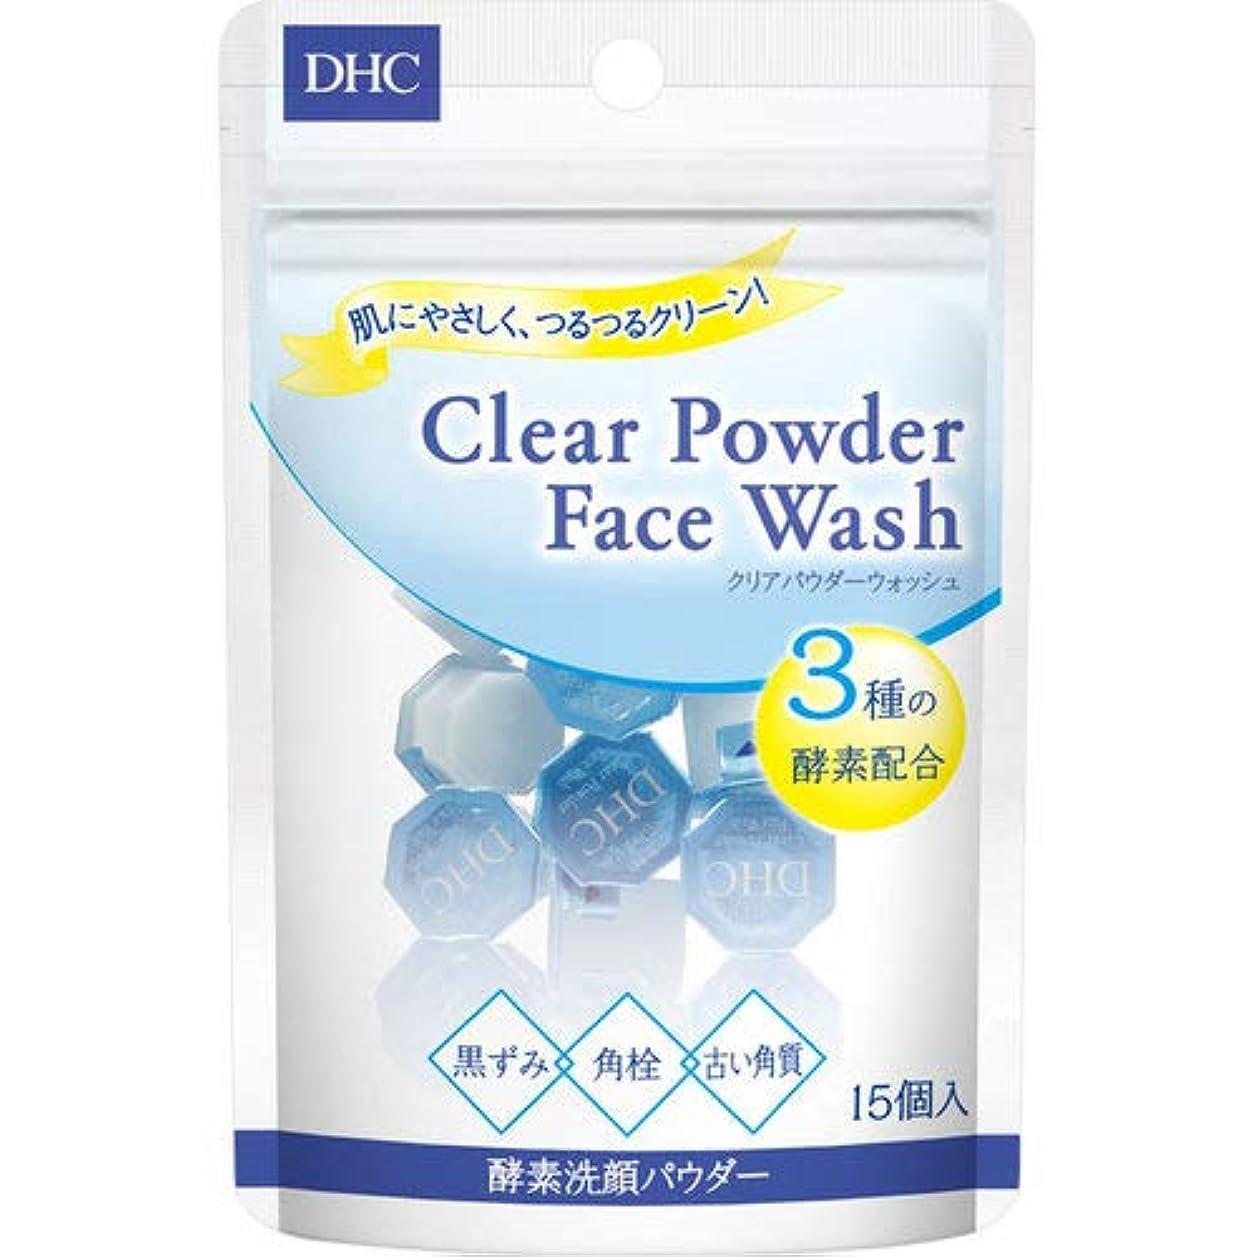 知り合いになるハドル鳴らすDHC クリアパウダーウォッシュ 0.4g×15個入 酵素洗顔パウダー